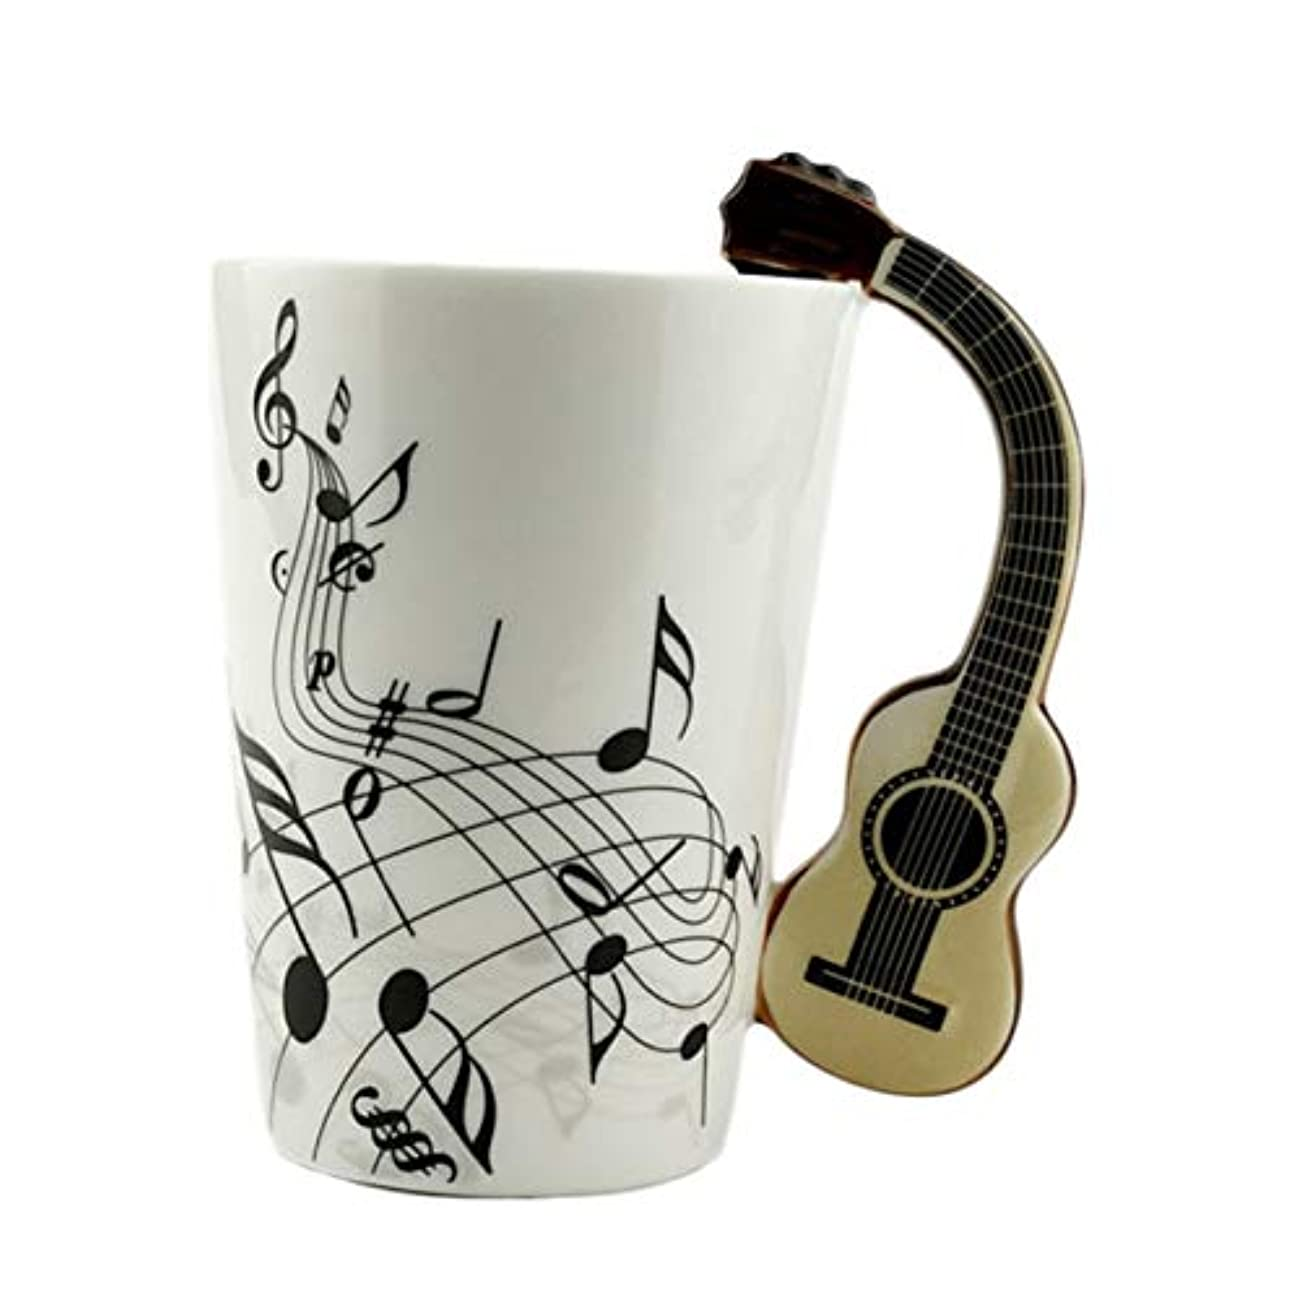 デュアル入浴喉頭Saikogoods ノベルティアートセラミックマグカップ楽器は スタイルのコーヒーミルクカップクリスマスギフトホームオフィスカップ グラスに注意してください。 ホワイトボディギター